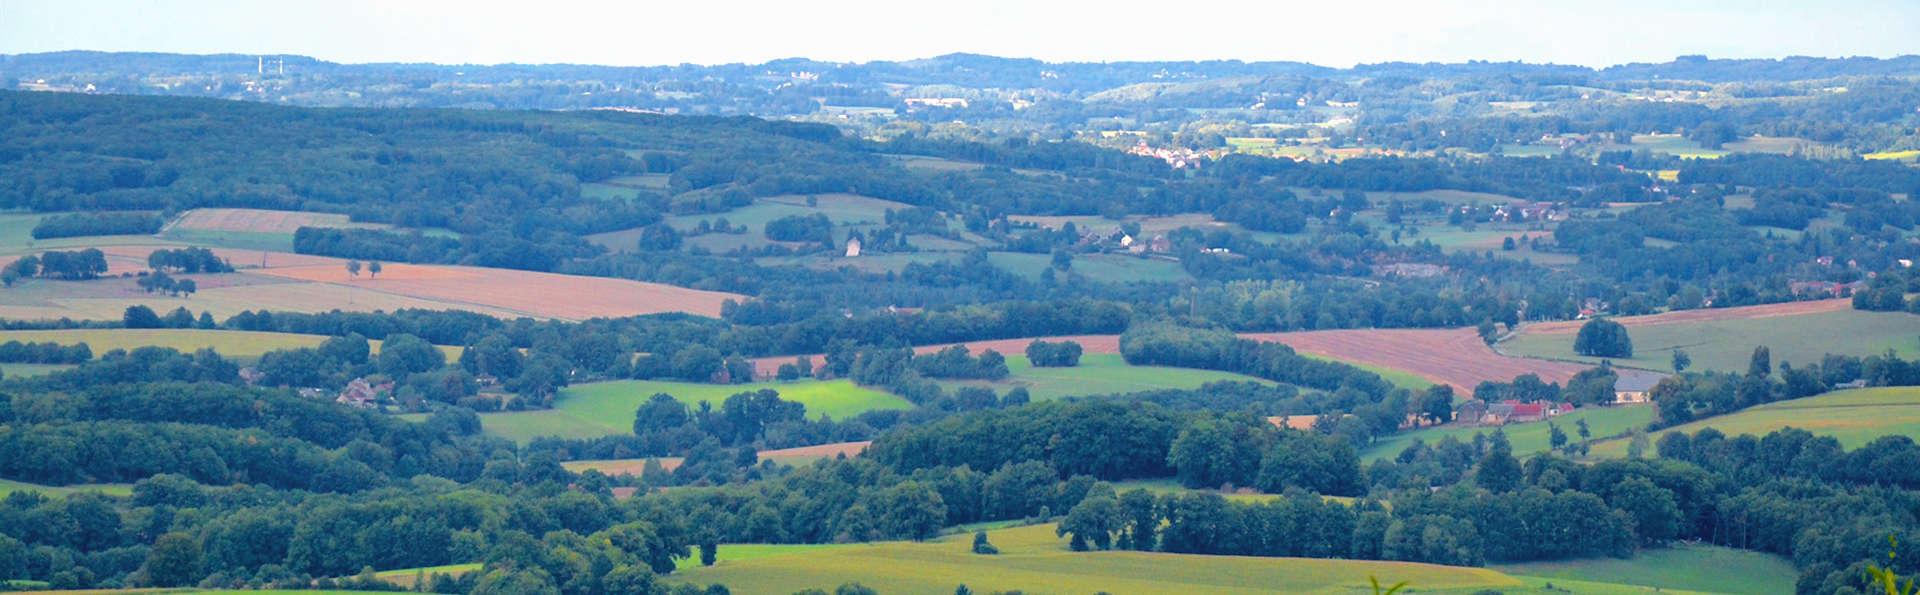 Domaine de Vareilles - EDIT_Plateau-de-Souterraine_1.jpg